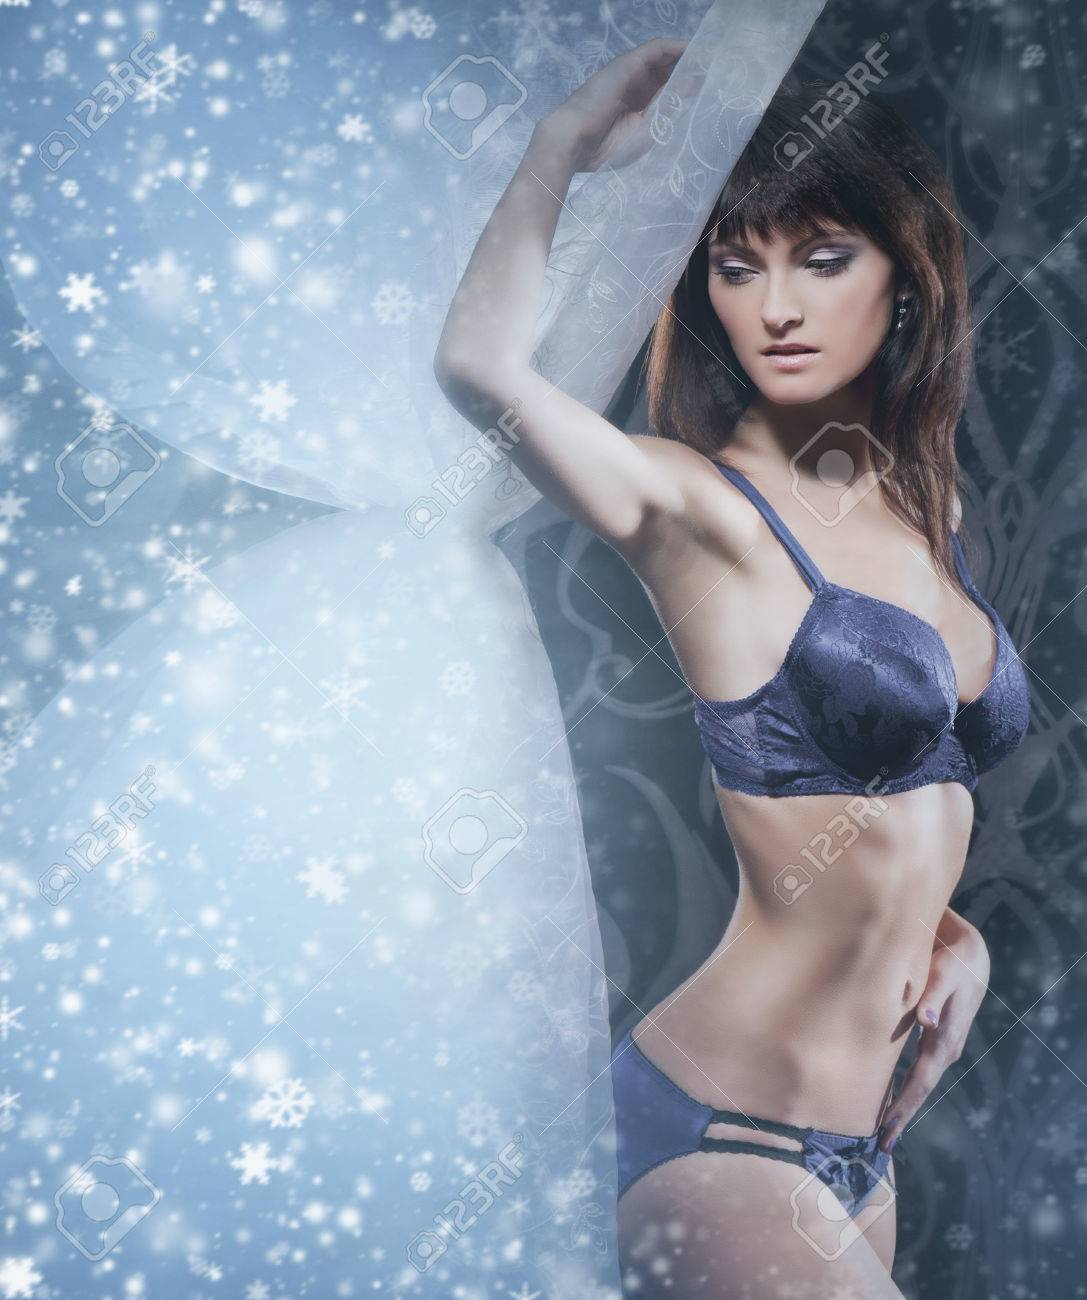 Mystique Femme Fond Sur Le Jeune Mode Sexy En Lingerie Shooting Noël De 8knw0OXP